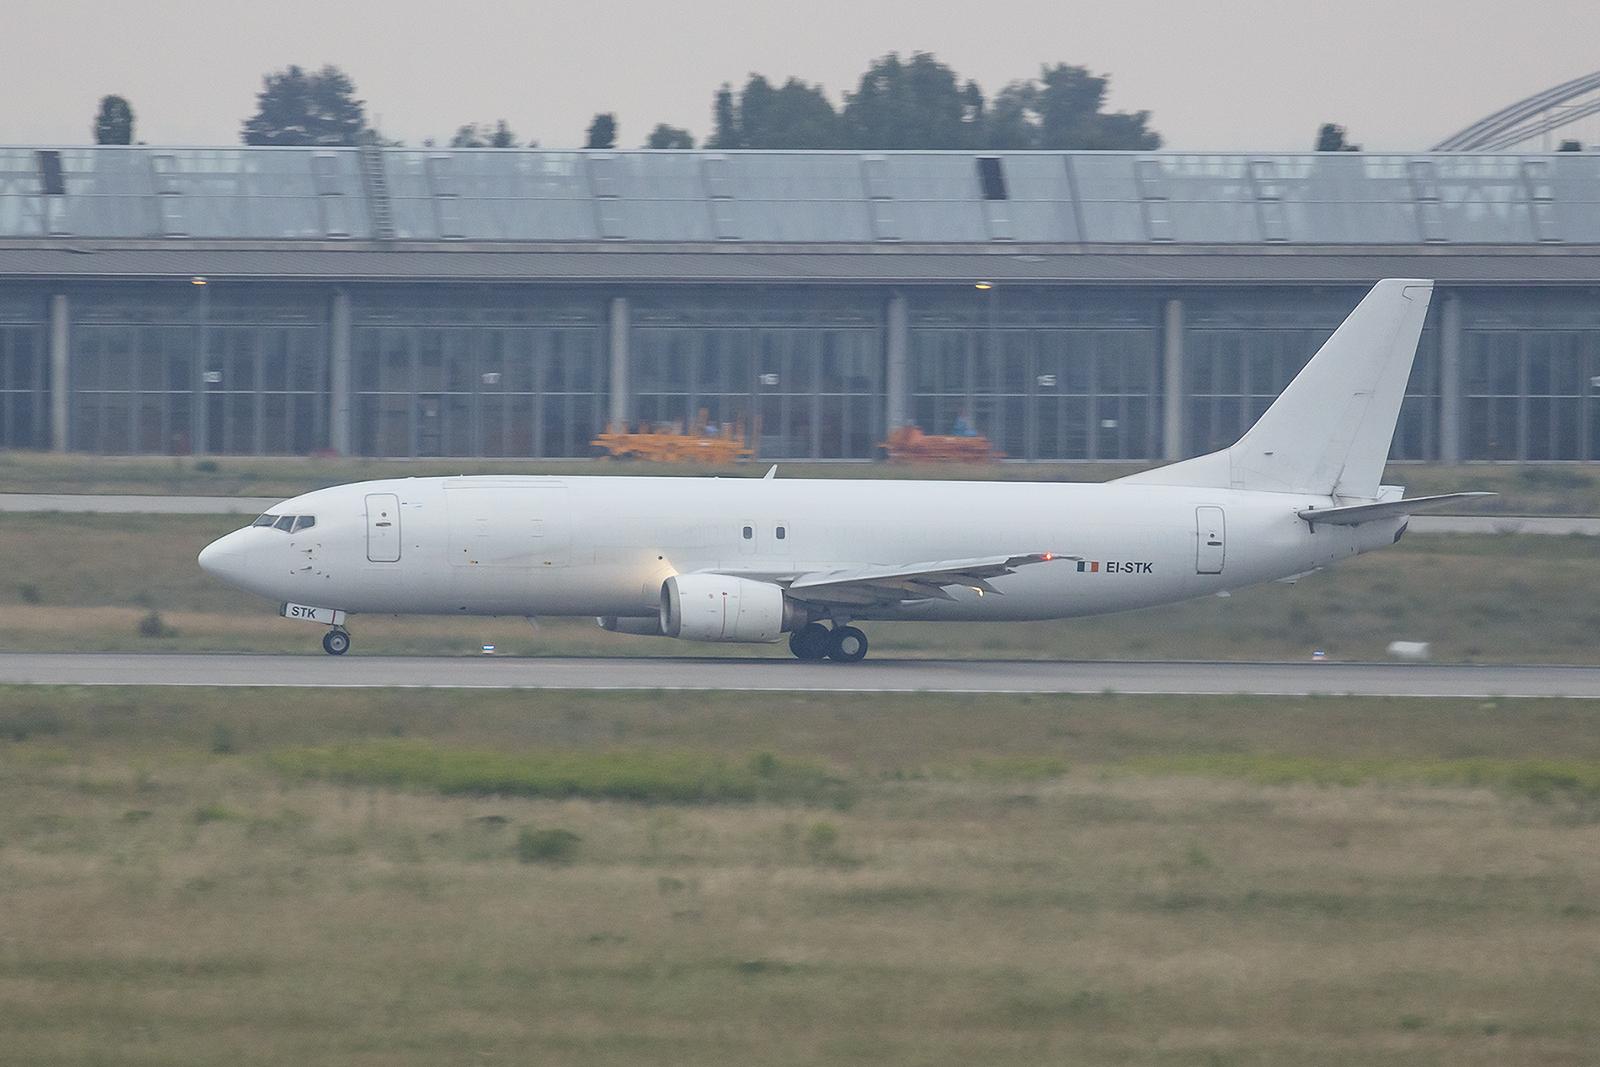 ASL Ireland betreibt diese Boeing 737-448(SF). Ihre Laufbahn begann 1991 auch in Irland bei Aer Lingus.